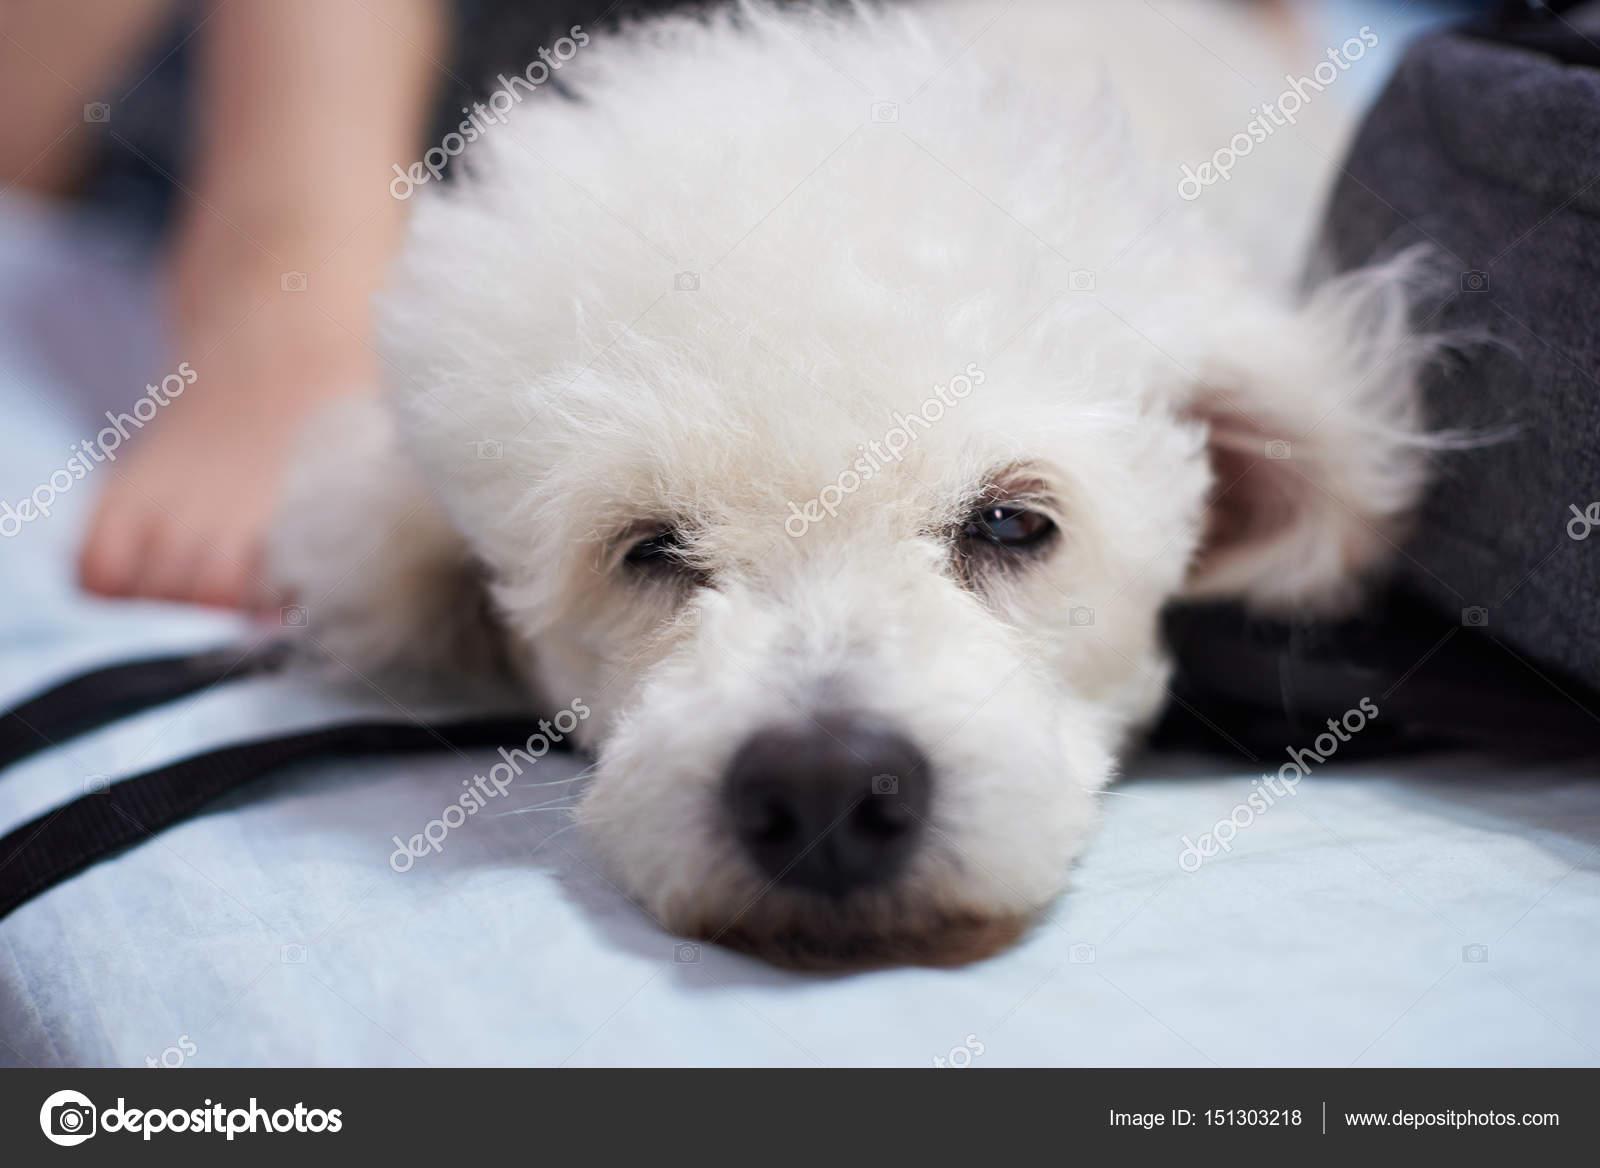 подобрать аромат, сонник щенок белый пудель духи могут